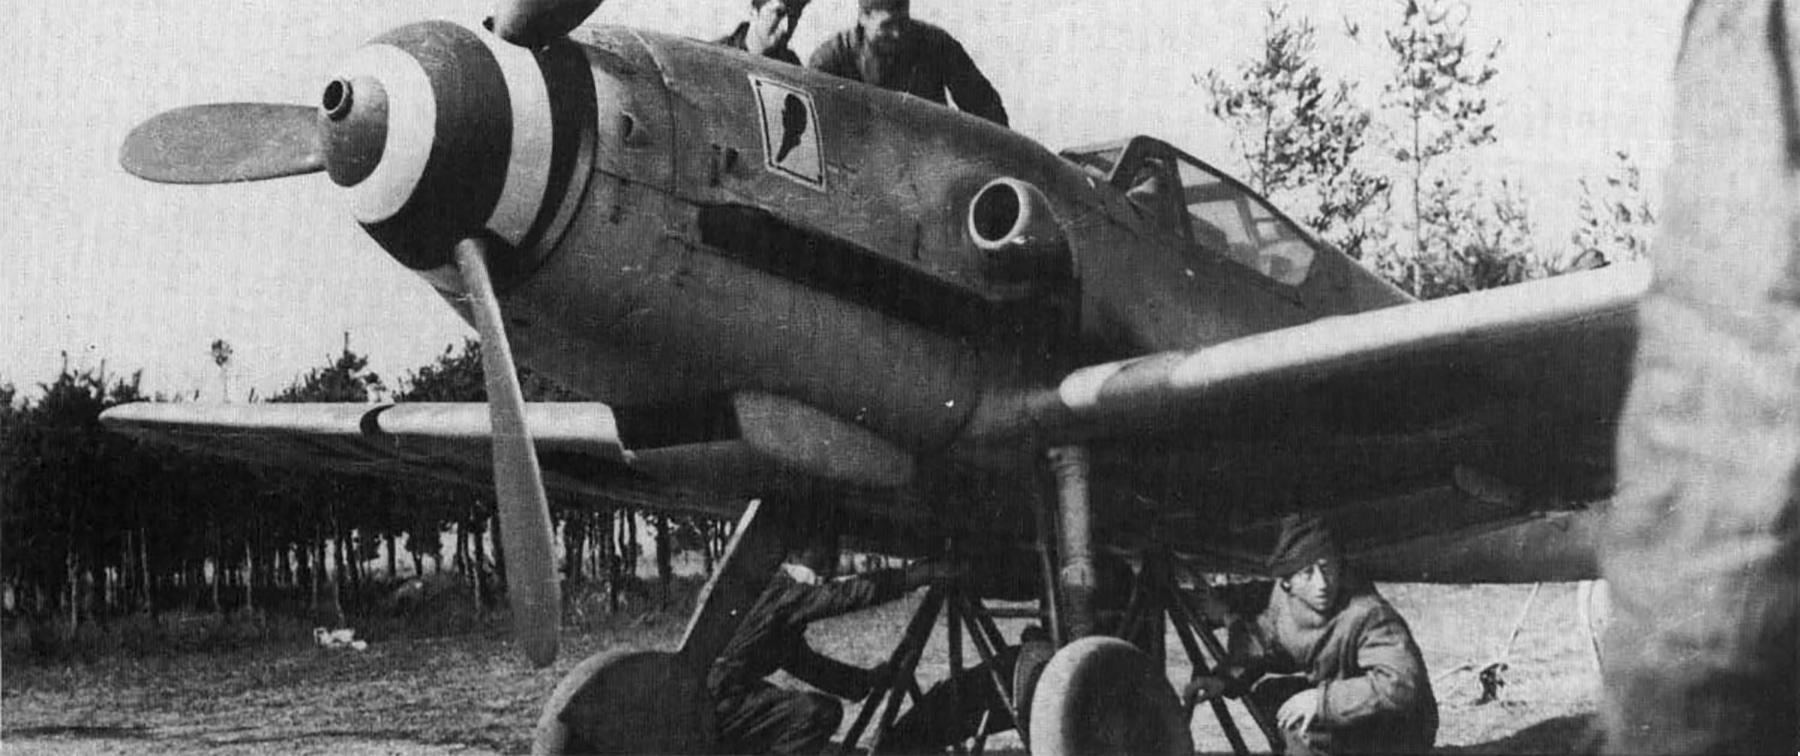 Messerschmitt-Bf-109G10-Erla-ANR-1Gr-Adr